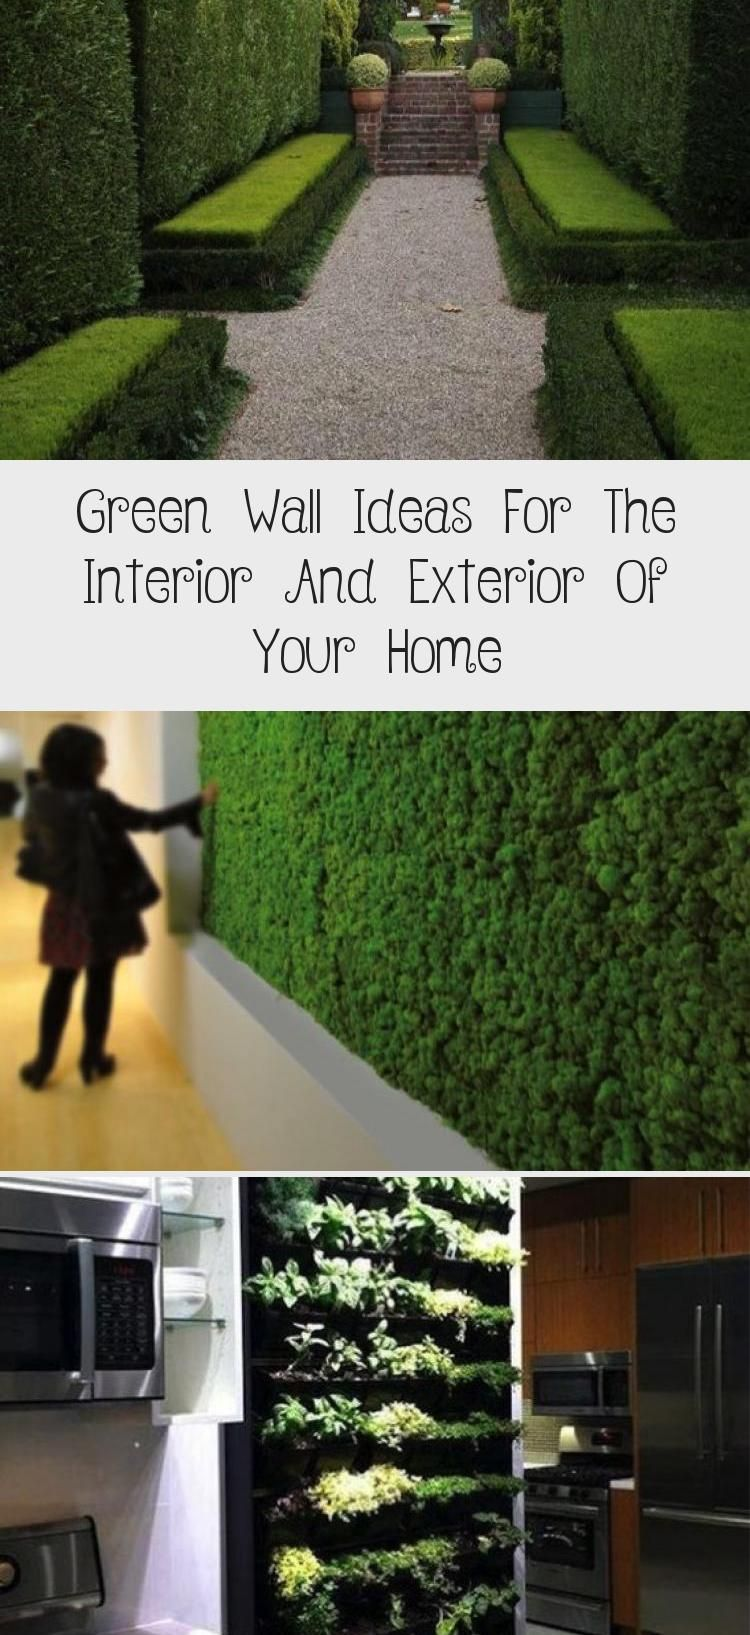 Garten Gartengestaltung Ideen Den Garten Zu Gestalten Garten Gartnern Gartenideen Gartengestaltung In 2020 Green Wall Green Wall Design Interior And Exterior